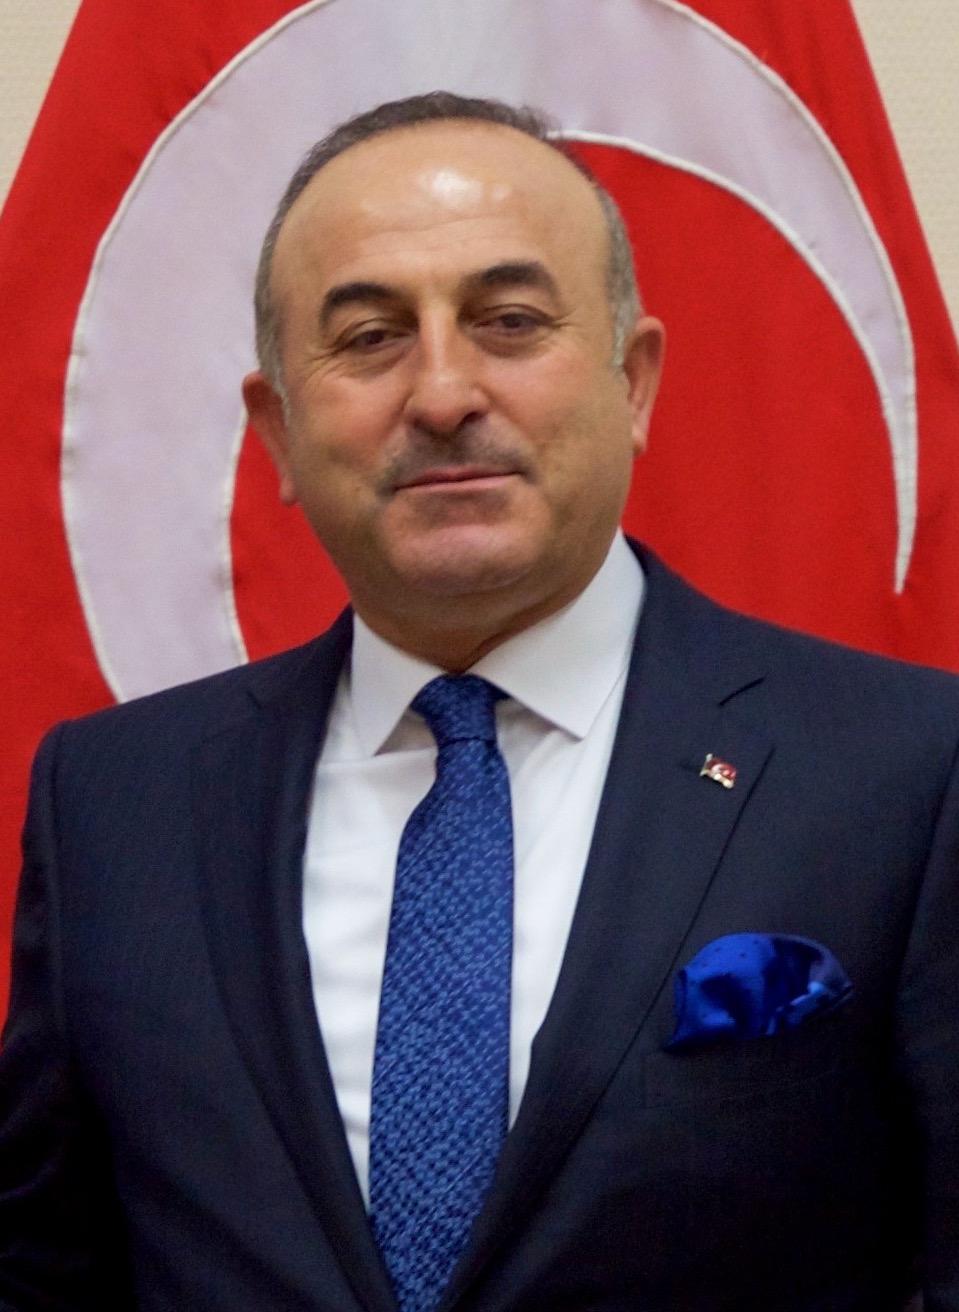 La Turquie accuse la France de se comporter « comme un caïd » en Méditerranée